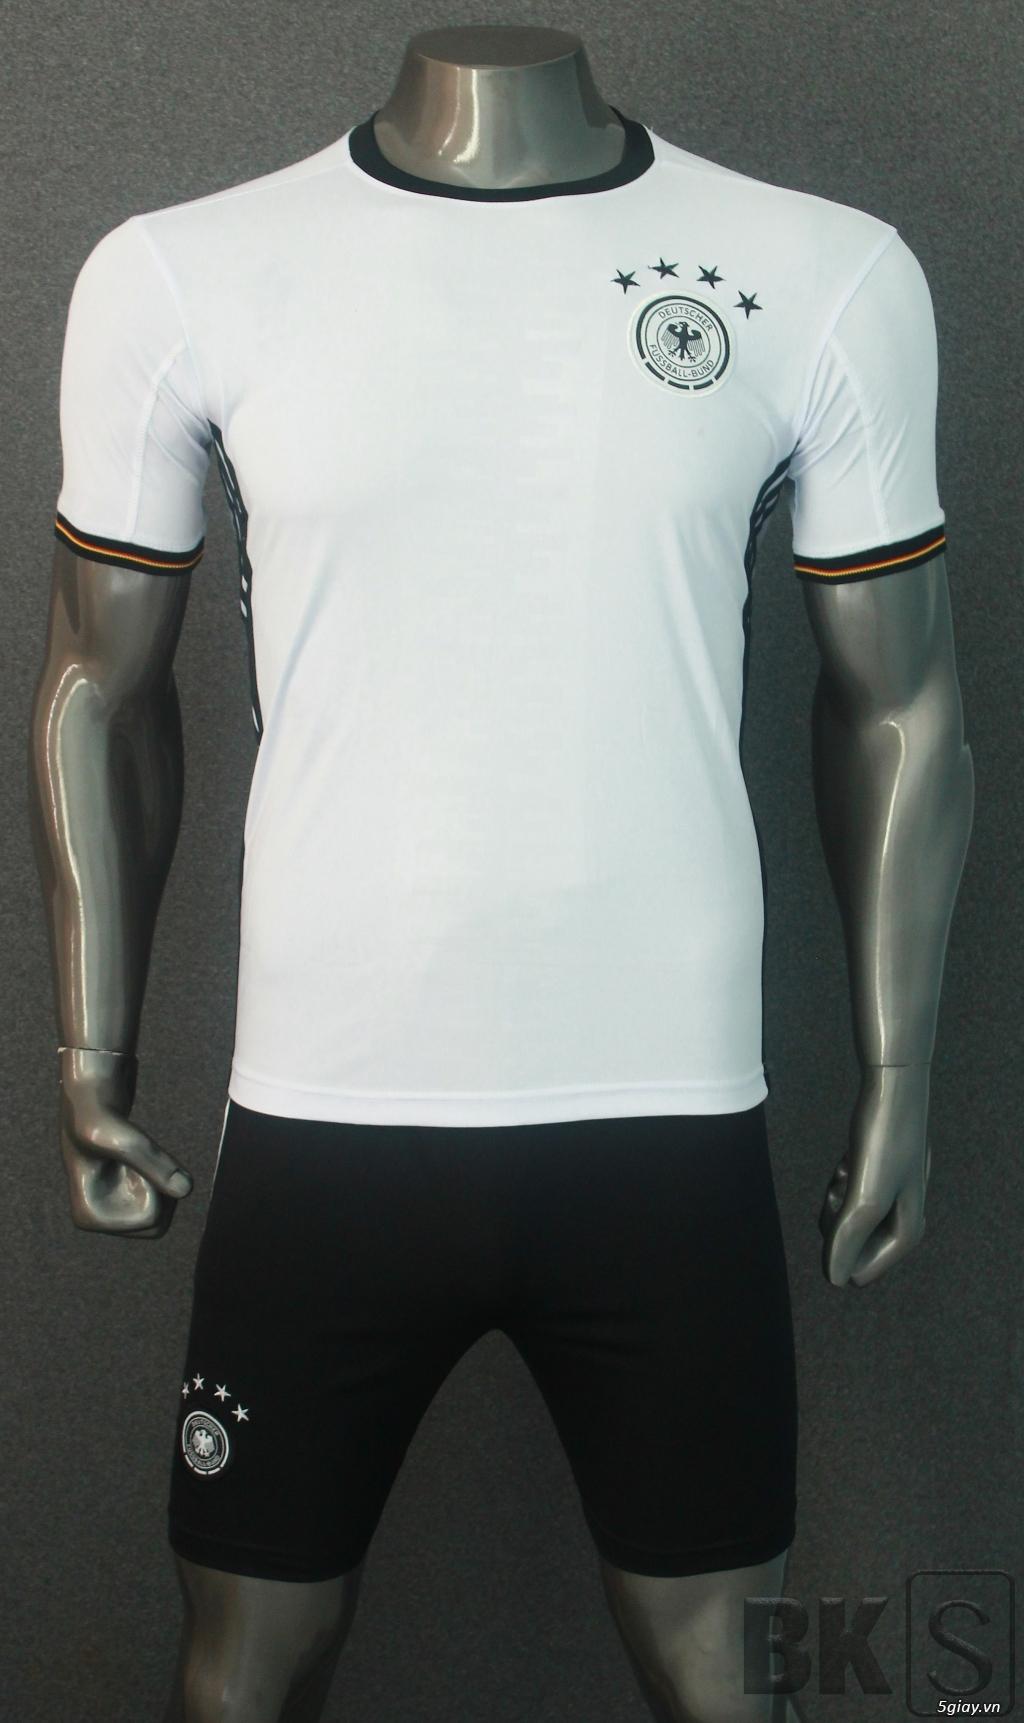 Áo bóng đá HP-địa chỉ gốc sản xuất trang phục thể thao số 1 Việt Nam - 26